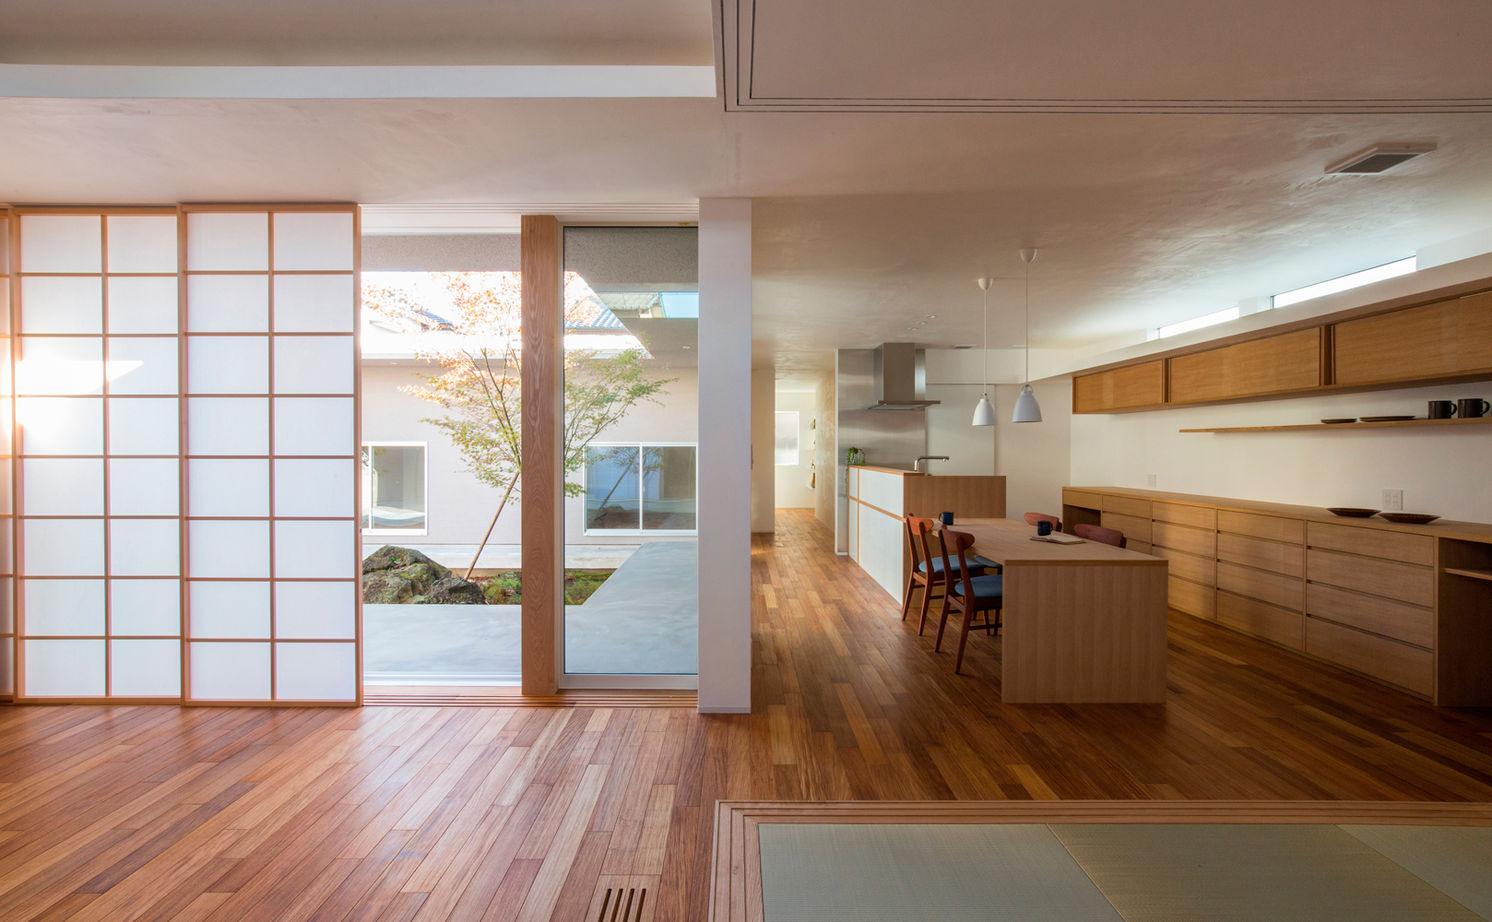 住宅地の中でも、季節とゆっくりした時間を感じて。二世帯の住まいを快適にしたシンプルデザインの平屋画像3